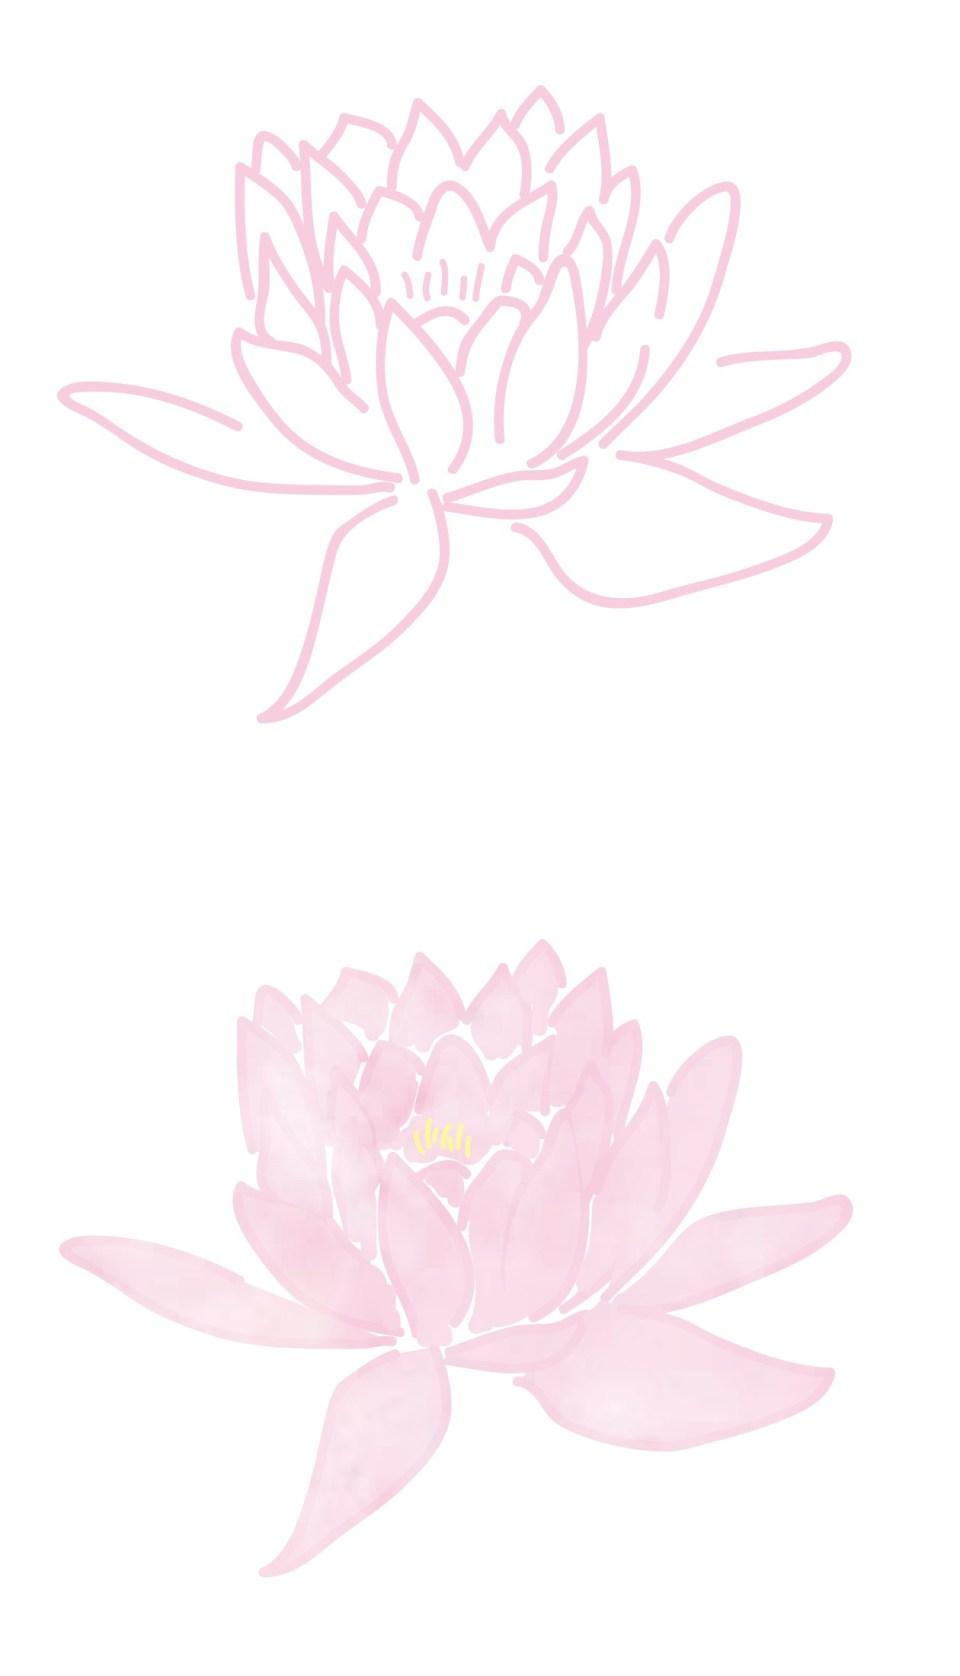 Entwicklung einer in Adobe Illustrator gezeichneten Lotusblüte in Aquarell Optik von Claudia Link Fotografie und Grafikdesign aus Nürnberg Erlangen Roth